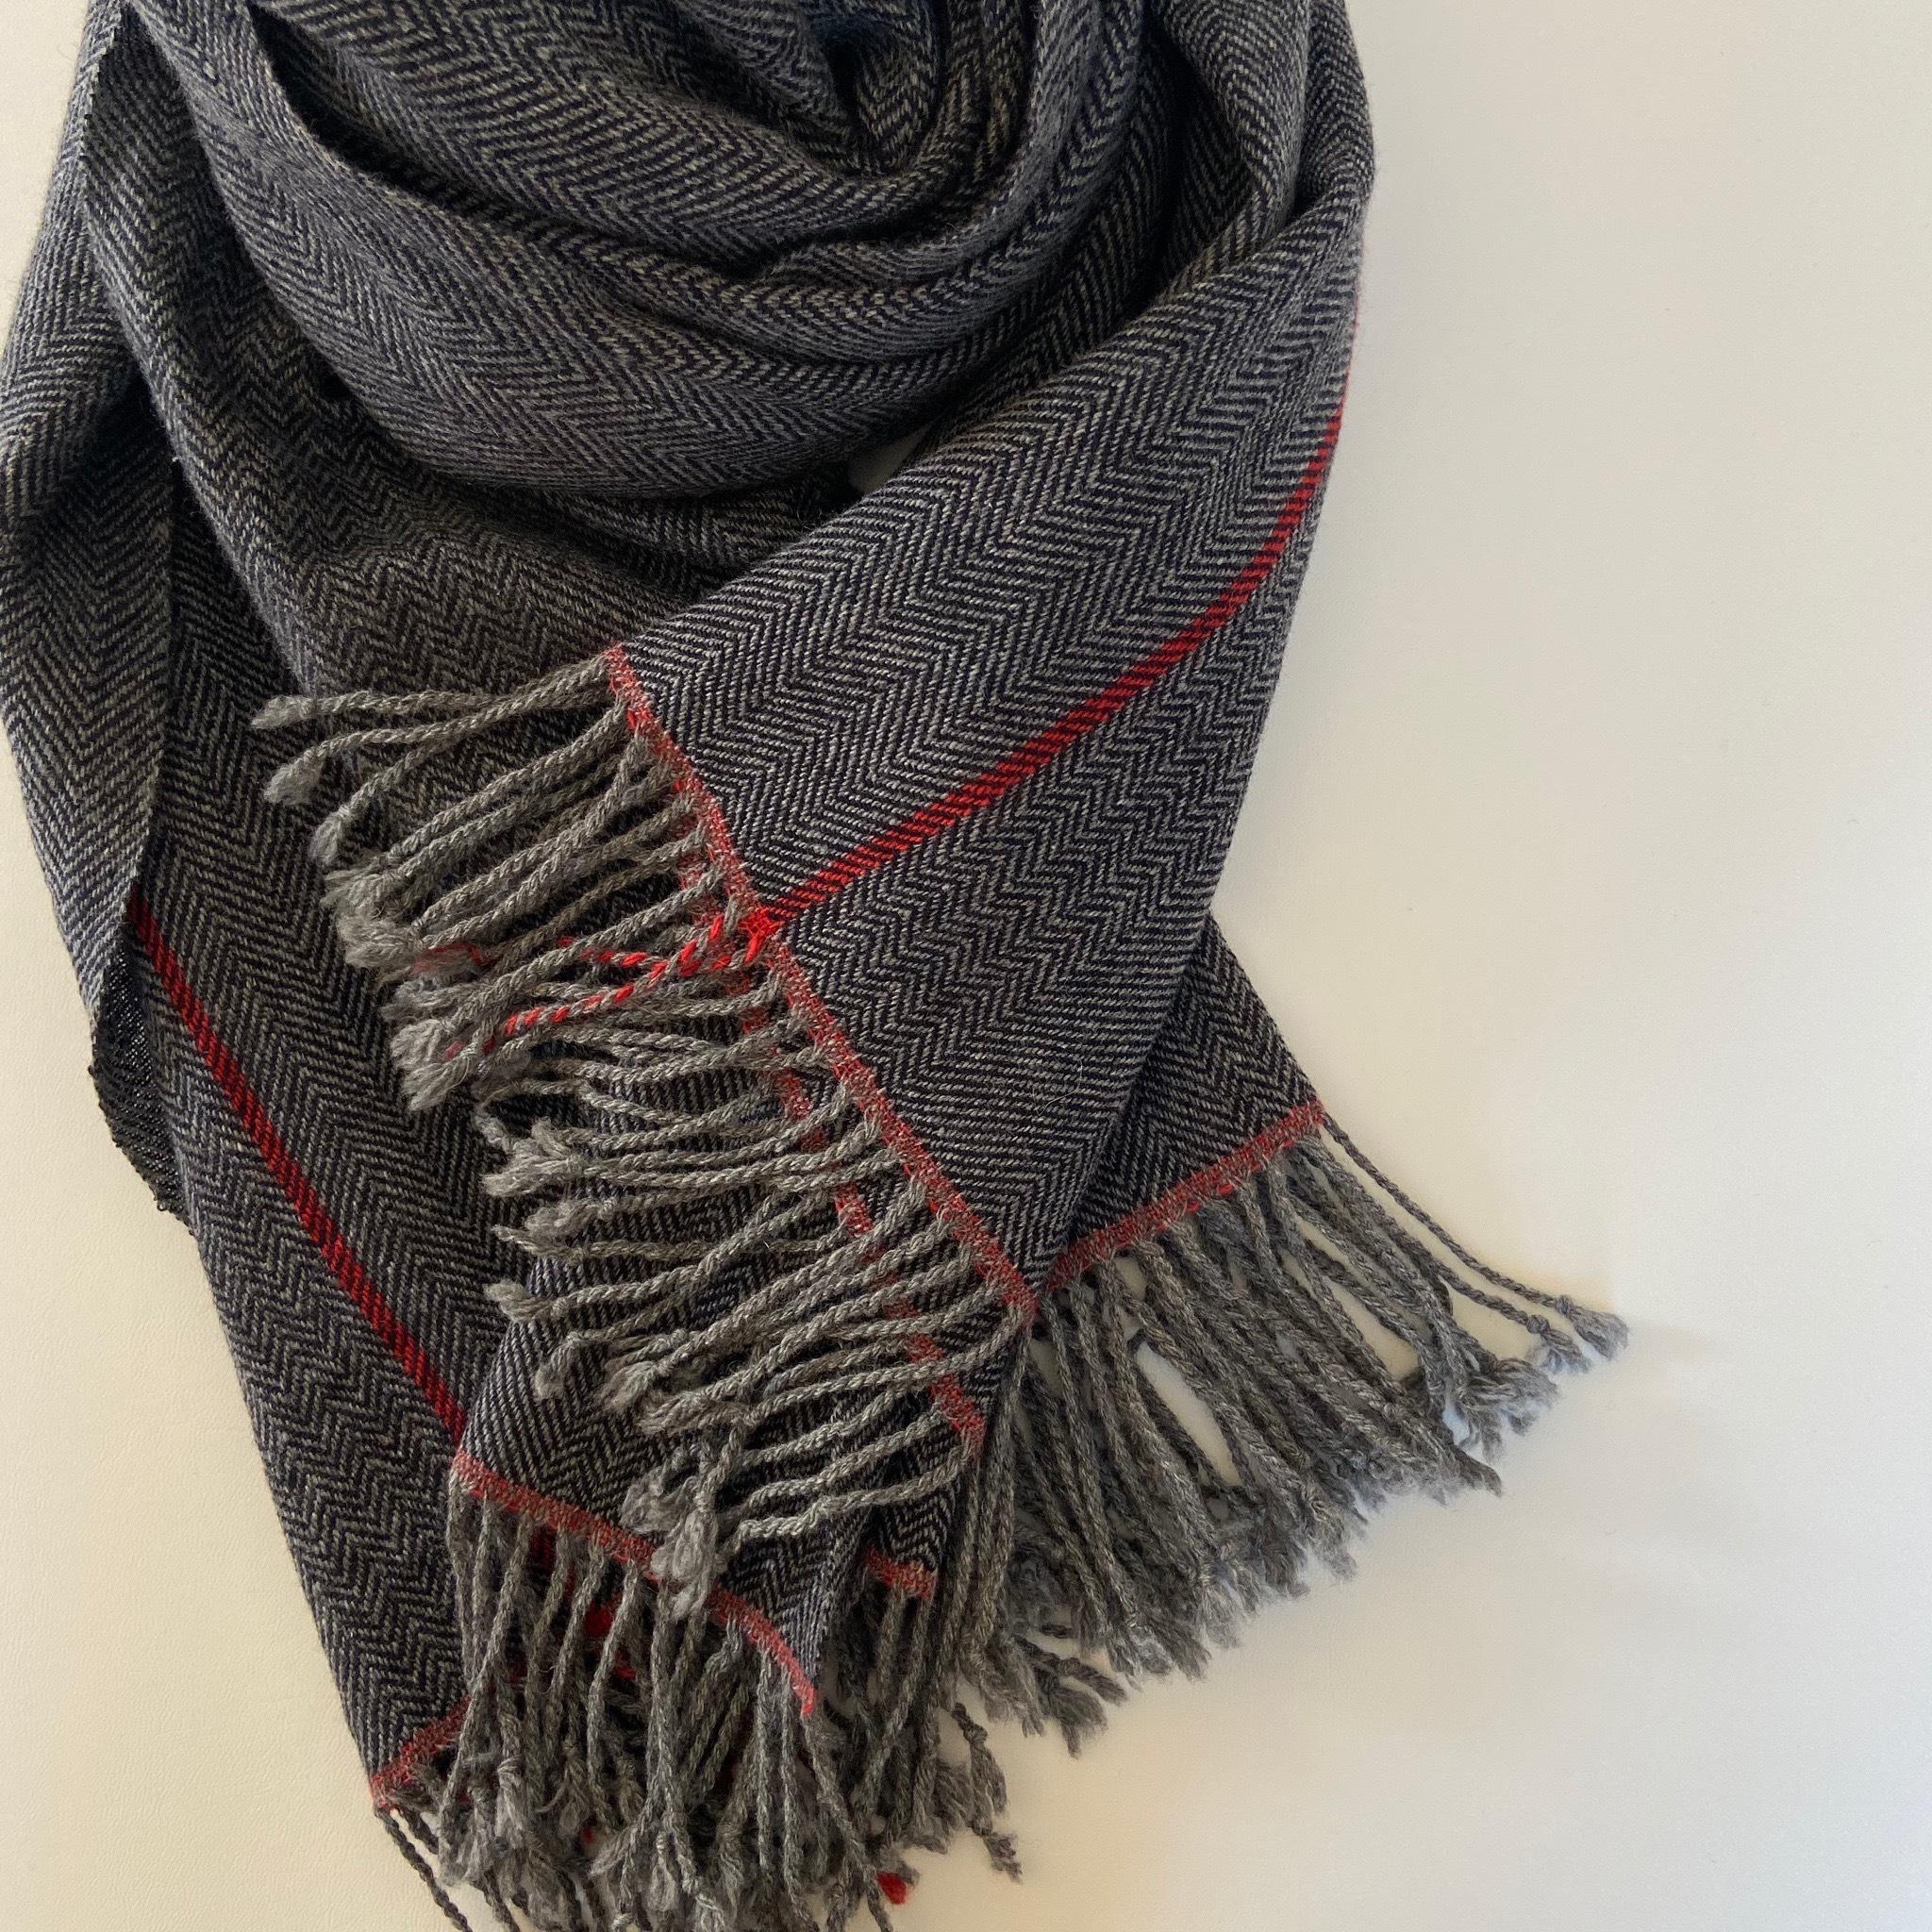 【受注製作】手織りカシミヤラムウールショール(ワンポイントラインとヘリンボーン/Red line & Herringbone)